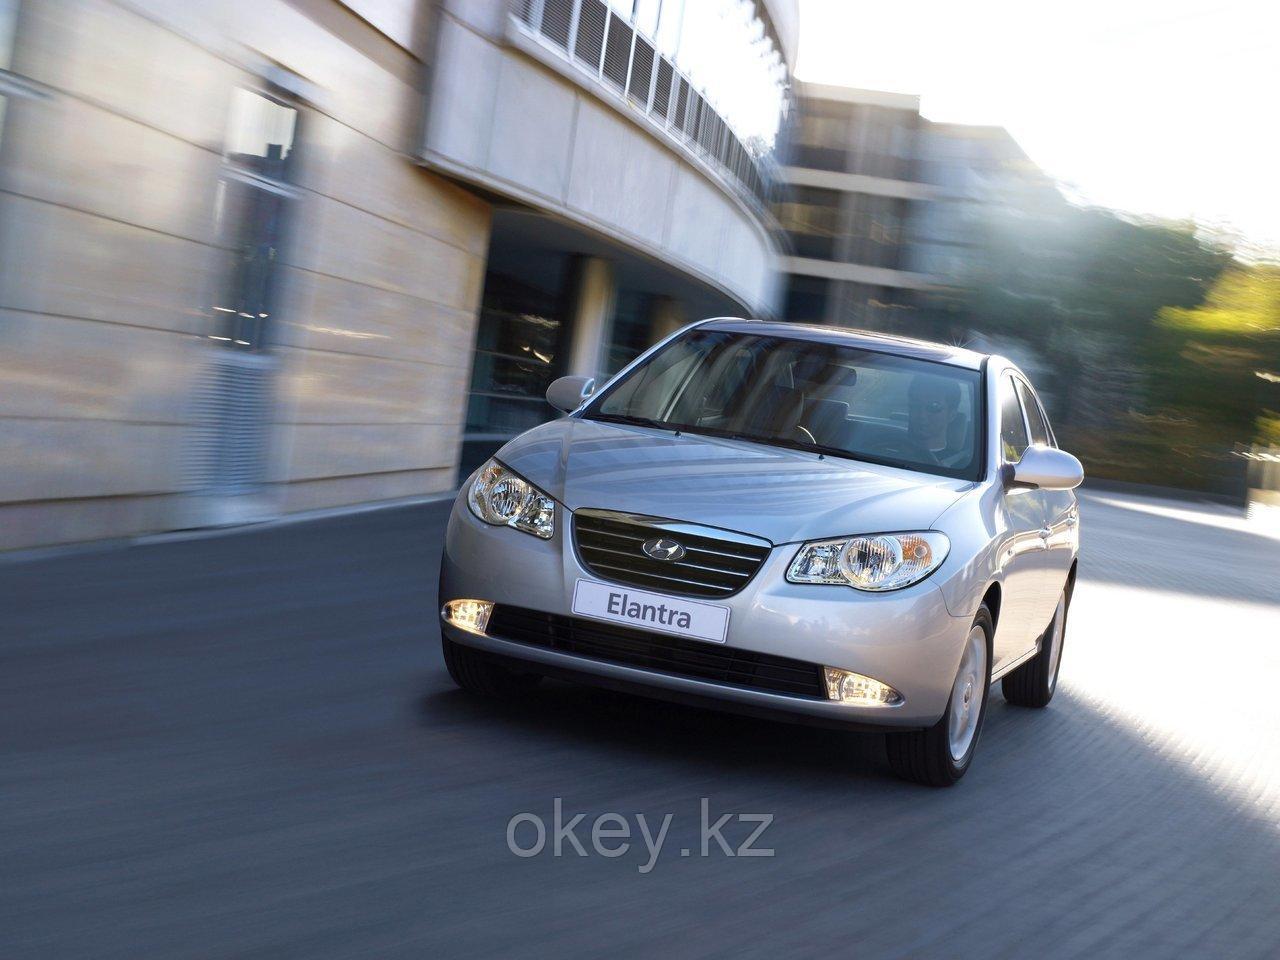 Тормозные колодки Kötl 27KT для Hyundai Elantra IV седан (HD) 2.0 CVVT, 2006-2011 года выпуска